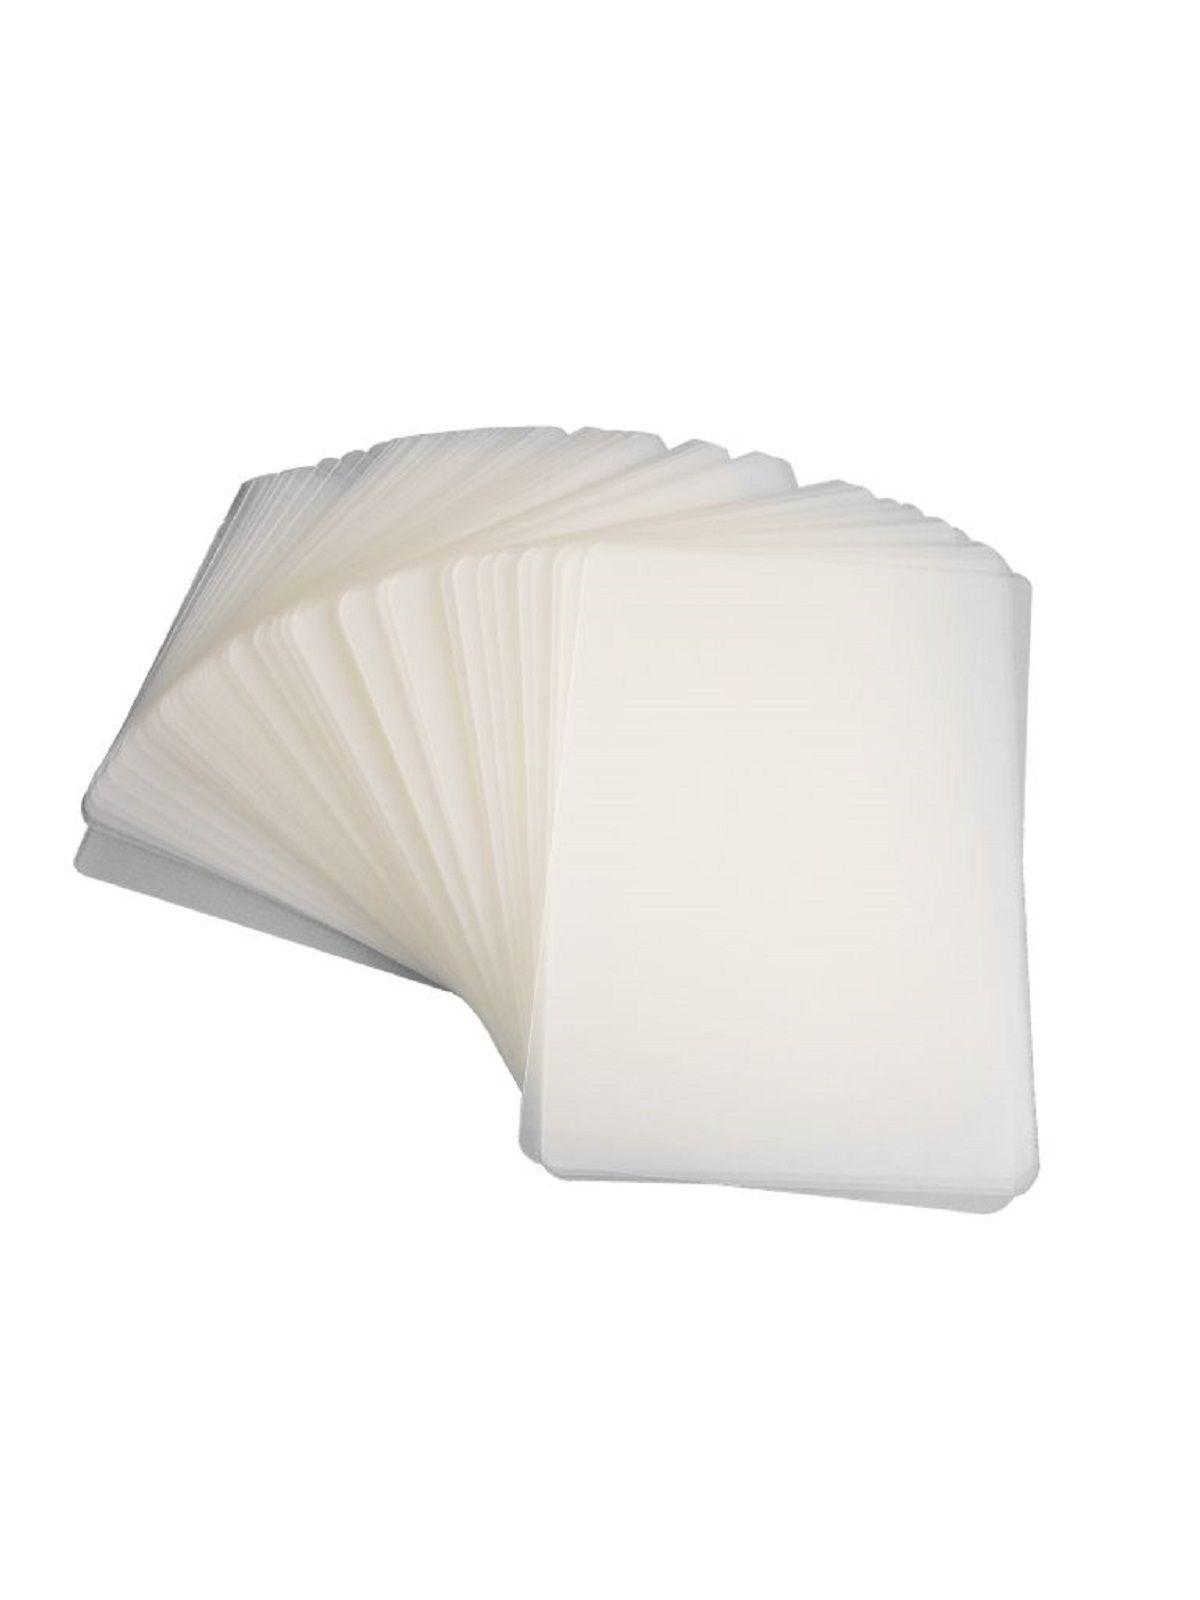 Kit 180 Plásticos Polaseal para Plastificação 0,05mm (125 micras) - RG, 1/2 Oficio, A4, Oficio e A3  - Click Suprimentos